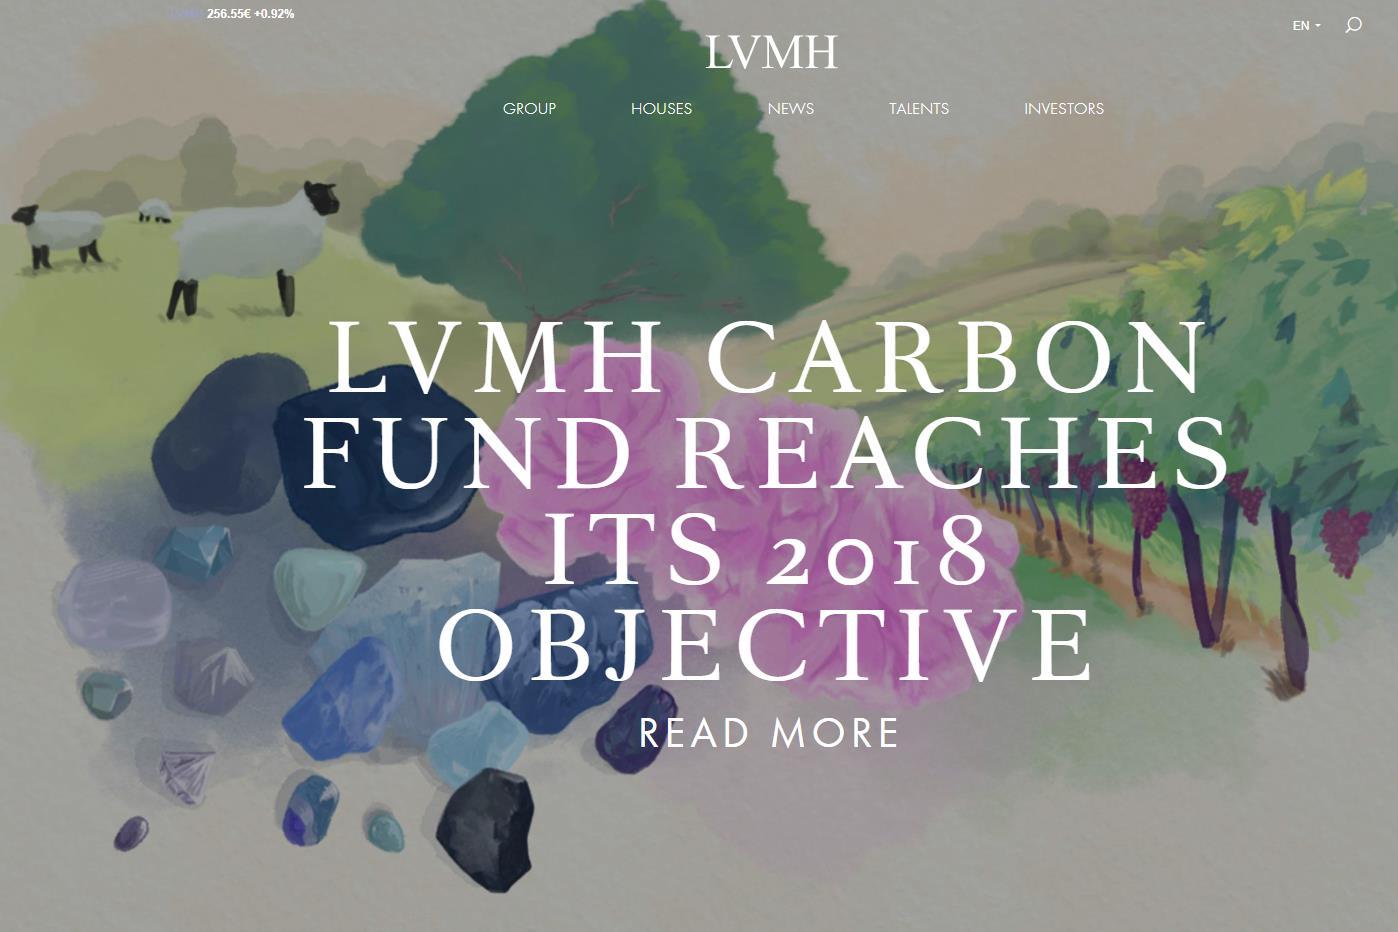 LVMH 集团宣布达成2018年碳排放基金目标,环保项目增至112个